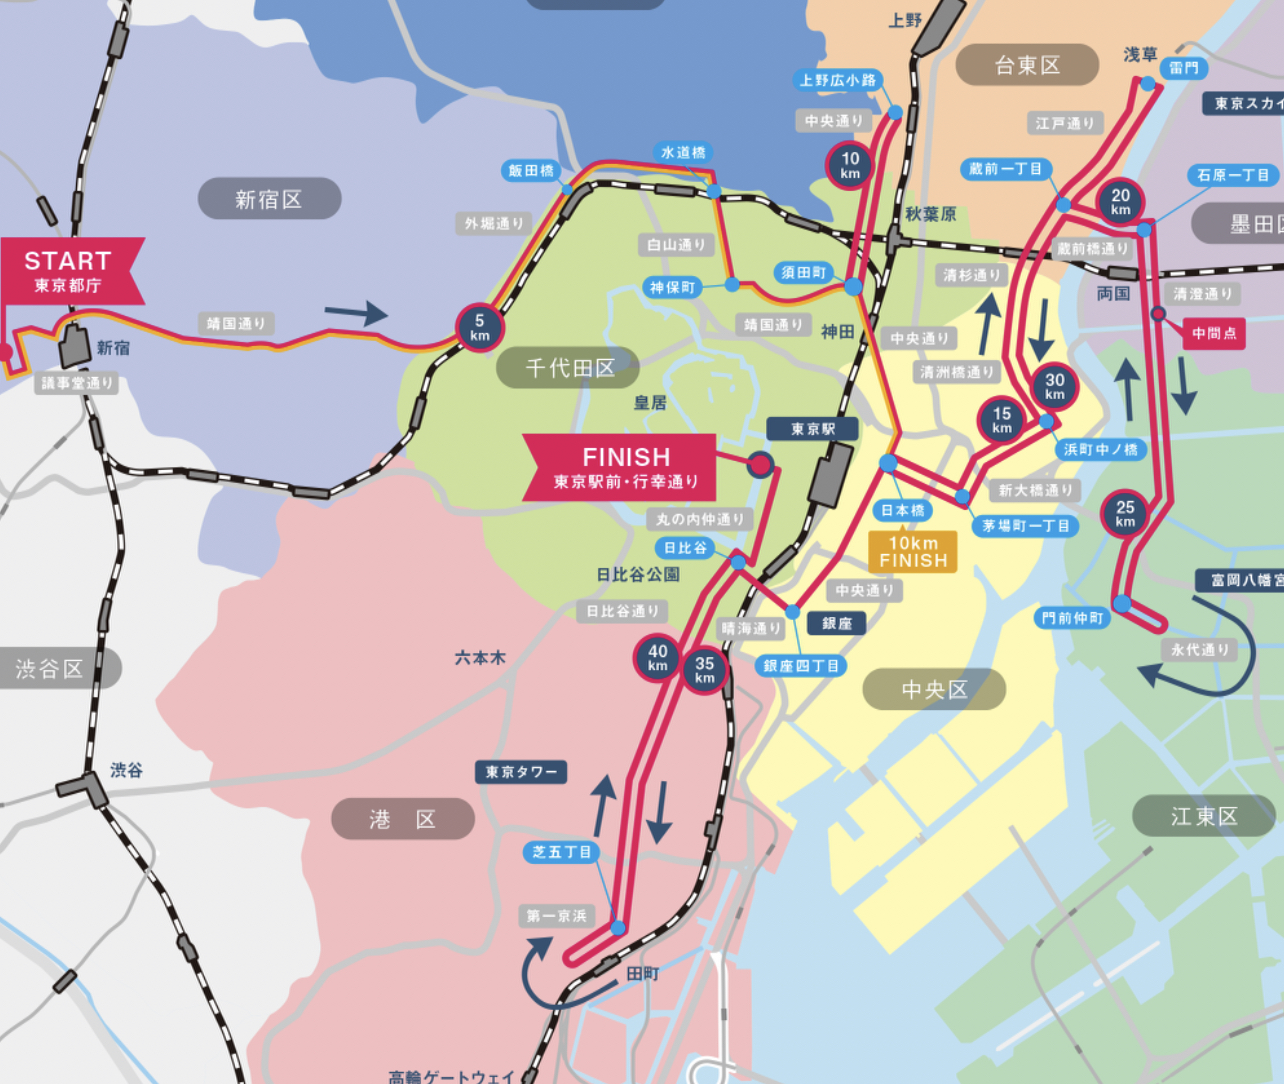 2021東京マラソン予定コース